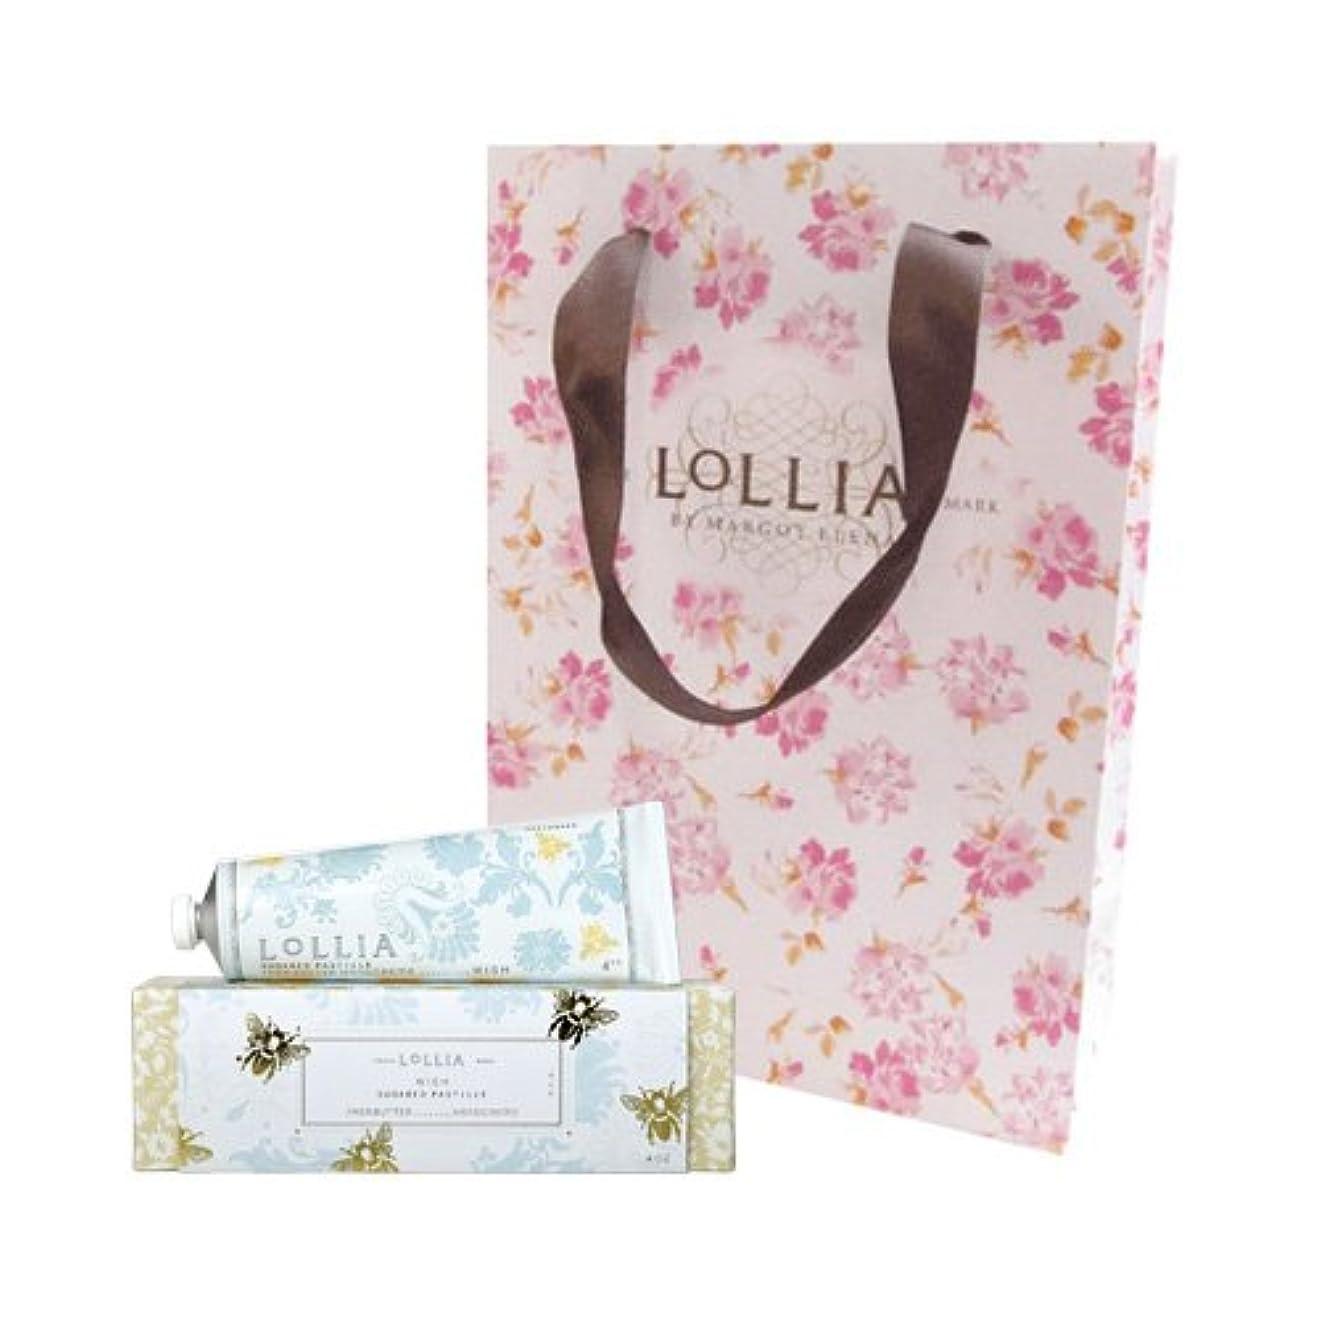 質量酔っ払い効能あるロリア(LoLLIA) ハンドクリーム Wish 35g (白い花にしたたる蜜とバニラの甘く切ない願い) ショッパー付